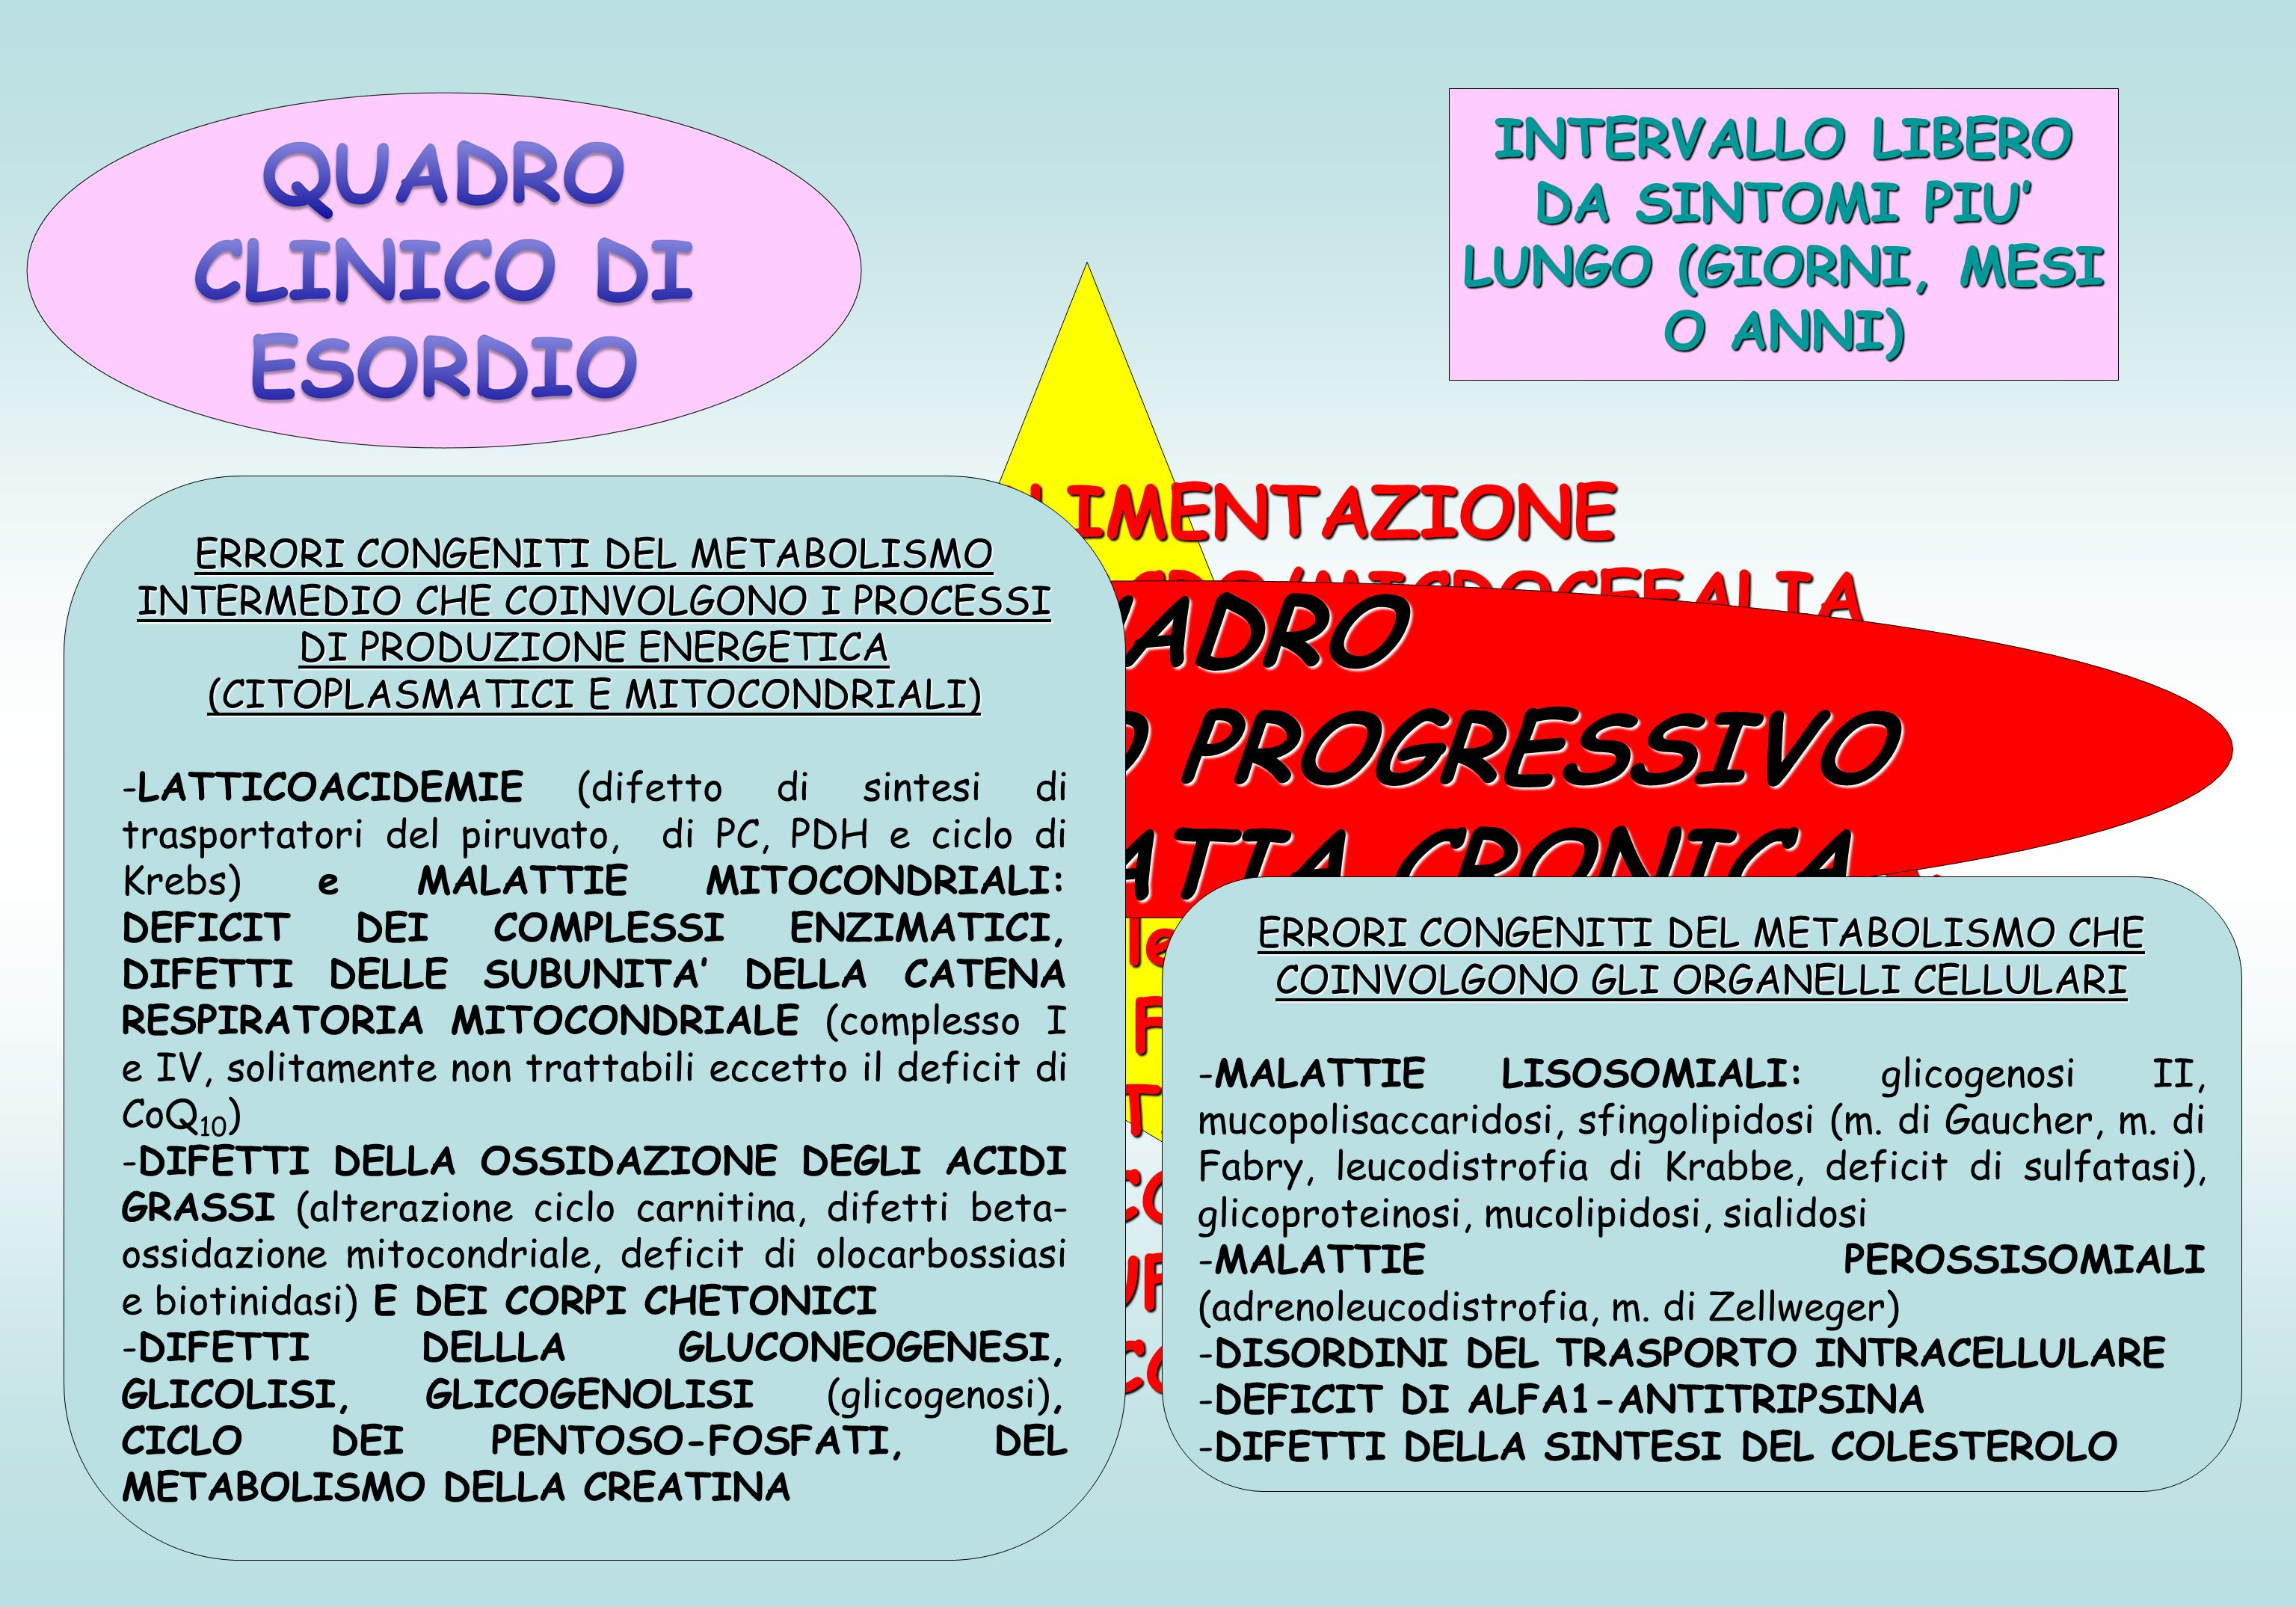 INTERVALLO LIBERO DA SINTOMI PIU' LUNGO (GIORNI, MESI O ANNI) SCARSA ALIMENTAZIONE CONVULSIONI, MACRO/MICROCEFALIA RITADRO NEUROMOTORIO E DEL LINGUAGGIO DEBOLEZZA MUSCOLARE ALTERAZIONI MOTORIE (spasticità, atassia, iperreflessia…) SEGNI FOCALI INSUFFICIENZA EPATICA, EPATOMEGALIA ITTERO, COLESTASI CARDIOMIOPIA, INSUFFICIENZA CARDIACA DEFICIT DI ACCRESCIMENTO QUADRO SUBACUTO O PROGRESSIVO ENCEFALOPATIA CRONICA ERRORI CONGENITI DEL METABOLISMO INTERMEDIO CHE COINVOLGONO I PROCESSI DI PRODUZIONE ENERGETICA (CITOPLASMATICI E MITOCONDRIALI) -LATTICOACIDEMIE (difetto di sintesi di trasportatori del piruvato, di PC, PDH e ciclo di Krebs) e MALATTIE MITOCONDRIALI: DEFICIT DEI COMPLESSI ENZIMATICI, DIFETTI DELLE SUBUNITA' DELLA CATENA RESPIRATORIA MITOCONDRIALE (complesso I e IV, solitamente non trattabili eccetto il deficit di CoQ 10 ) -DIFETTI DELLA OSSIDAZIONE DEGLI ACIDI GRASSI (alterazione ciclo carnitina, difetti beta- ossidazione mitocondriale, deficit di olocarbossiasi e biotinidasi) E DEI CORPI CHETONICI -DIFETTI DELLLA GLUCONEOGENESI, GLICOLISI, GLICOGENOLISI (glicogenosi), CICLO DEI PENTOSO-FOSFATI, DEL METABOLISMO DELLA CREATINA ERRORI CONGENITI DEL METABOLISMO CHE COINVOLGONO GLI ORGANELLI CELLULARI -MALATTIE LISOSOMIALI: glicogenosi II, mucopolisaccaridosi, sfingolipidosi (m.